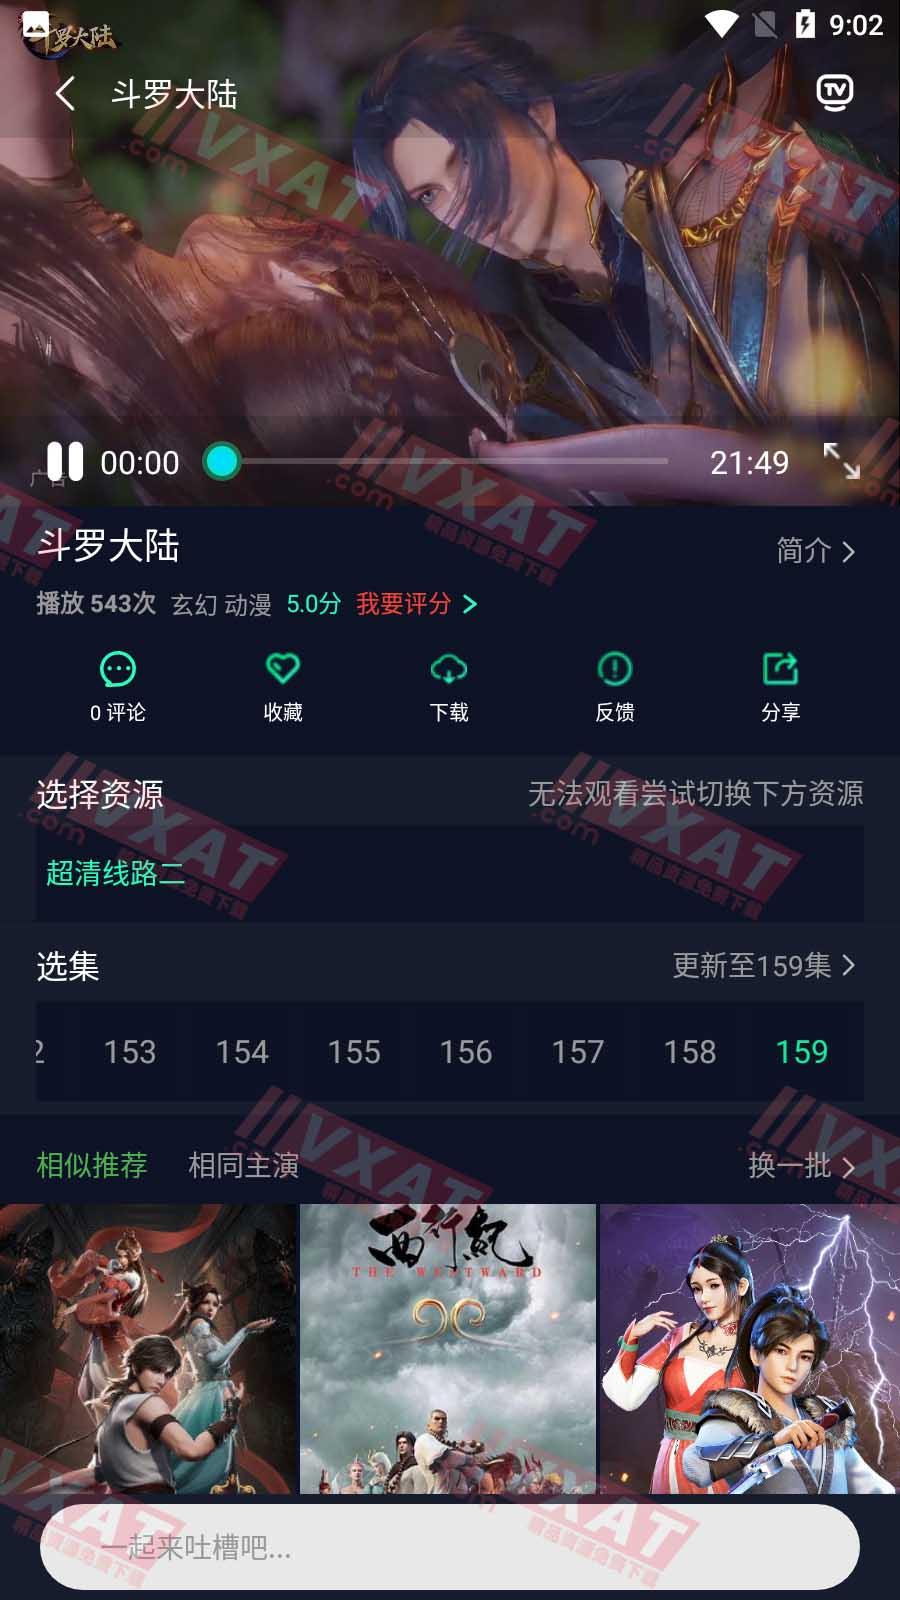 喵乐影视 v4.0.8 解锁VIP版 第2张